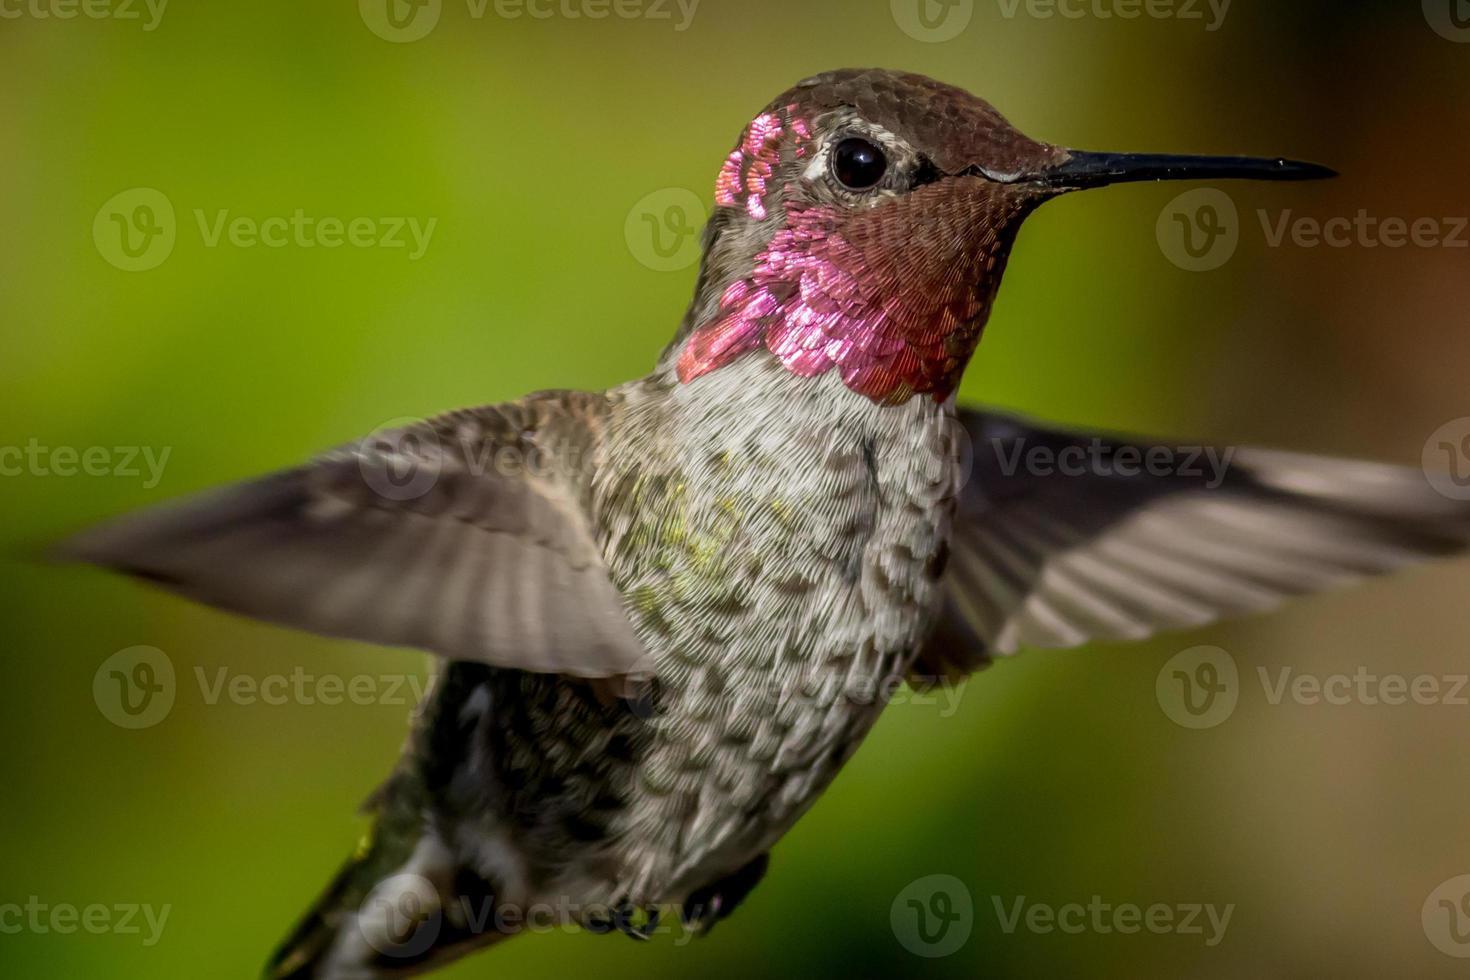 närbild av en kolibri under flykten, grön suddig bakgrund foto